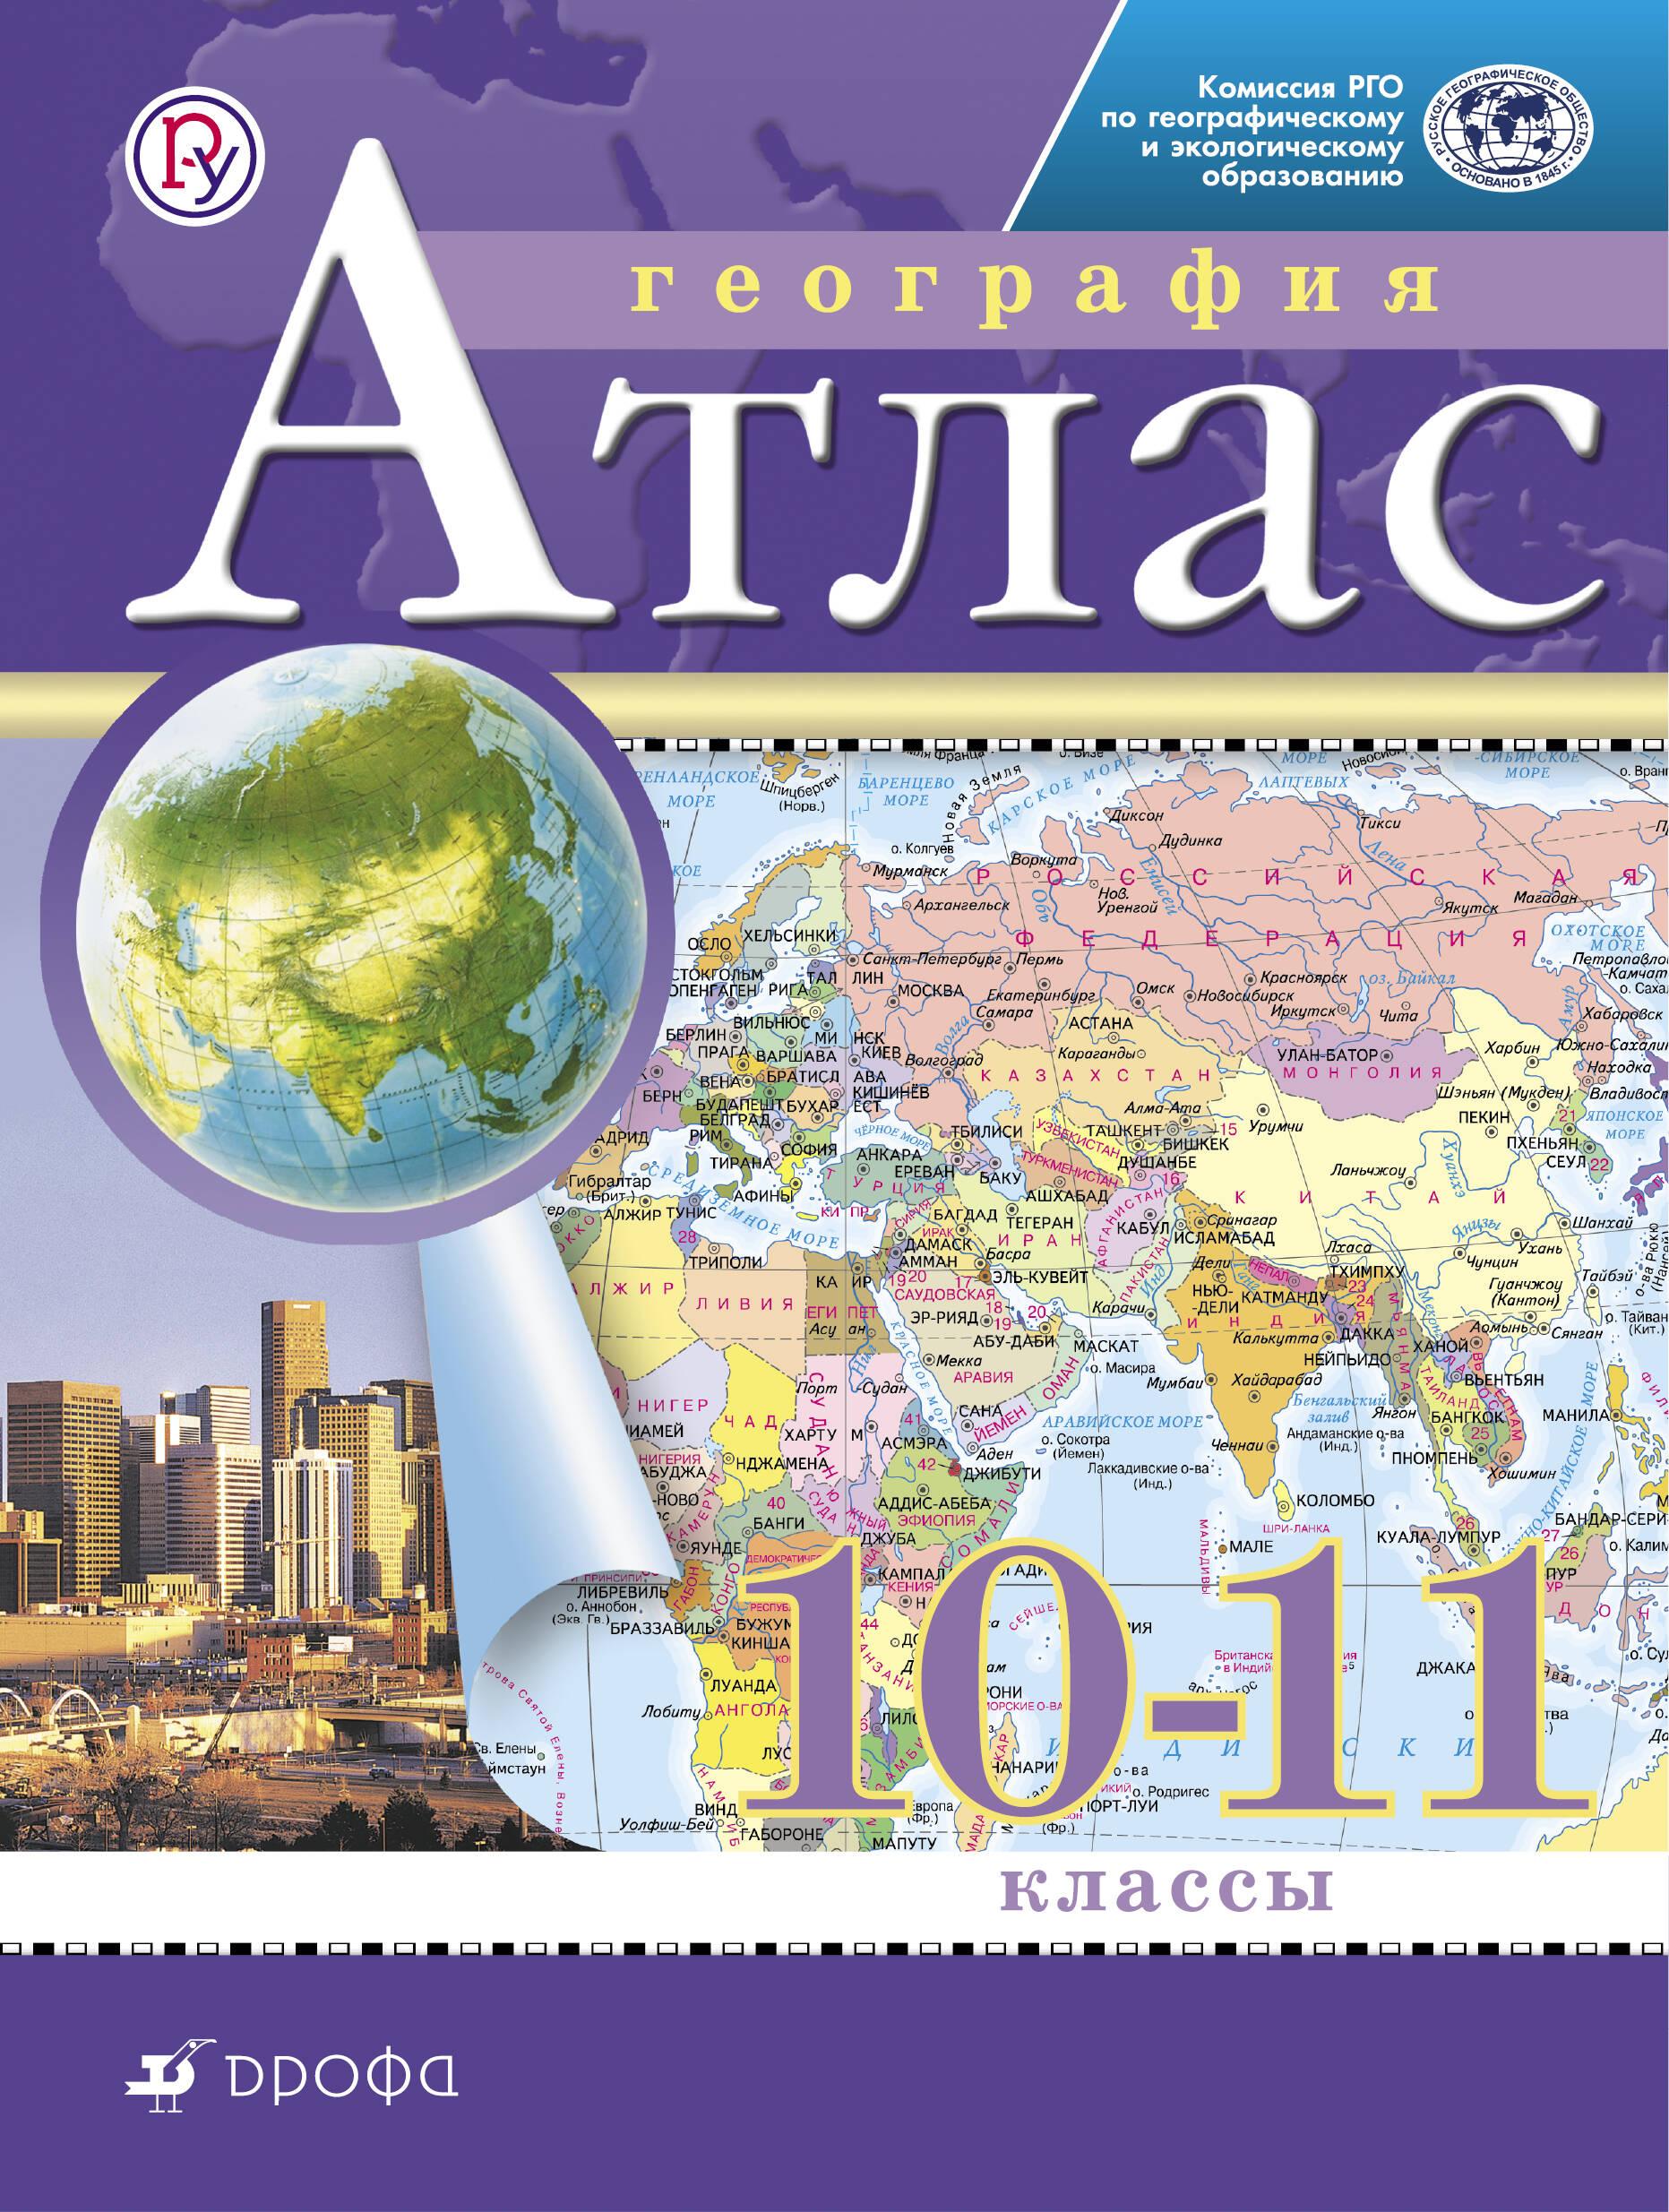 Экономическая и социальная география мира. Атлас. 10–11 классы (РГО)